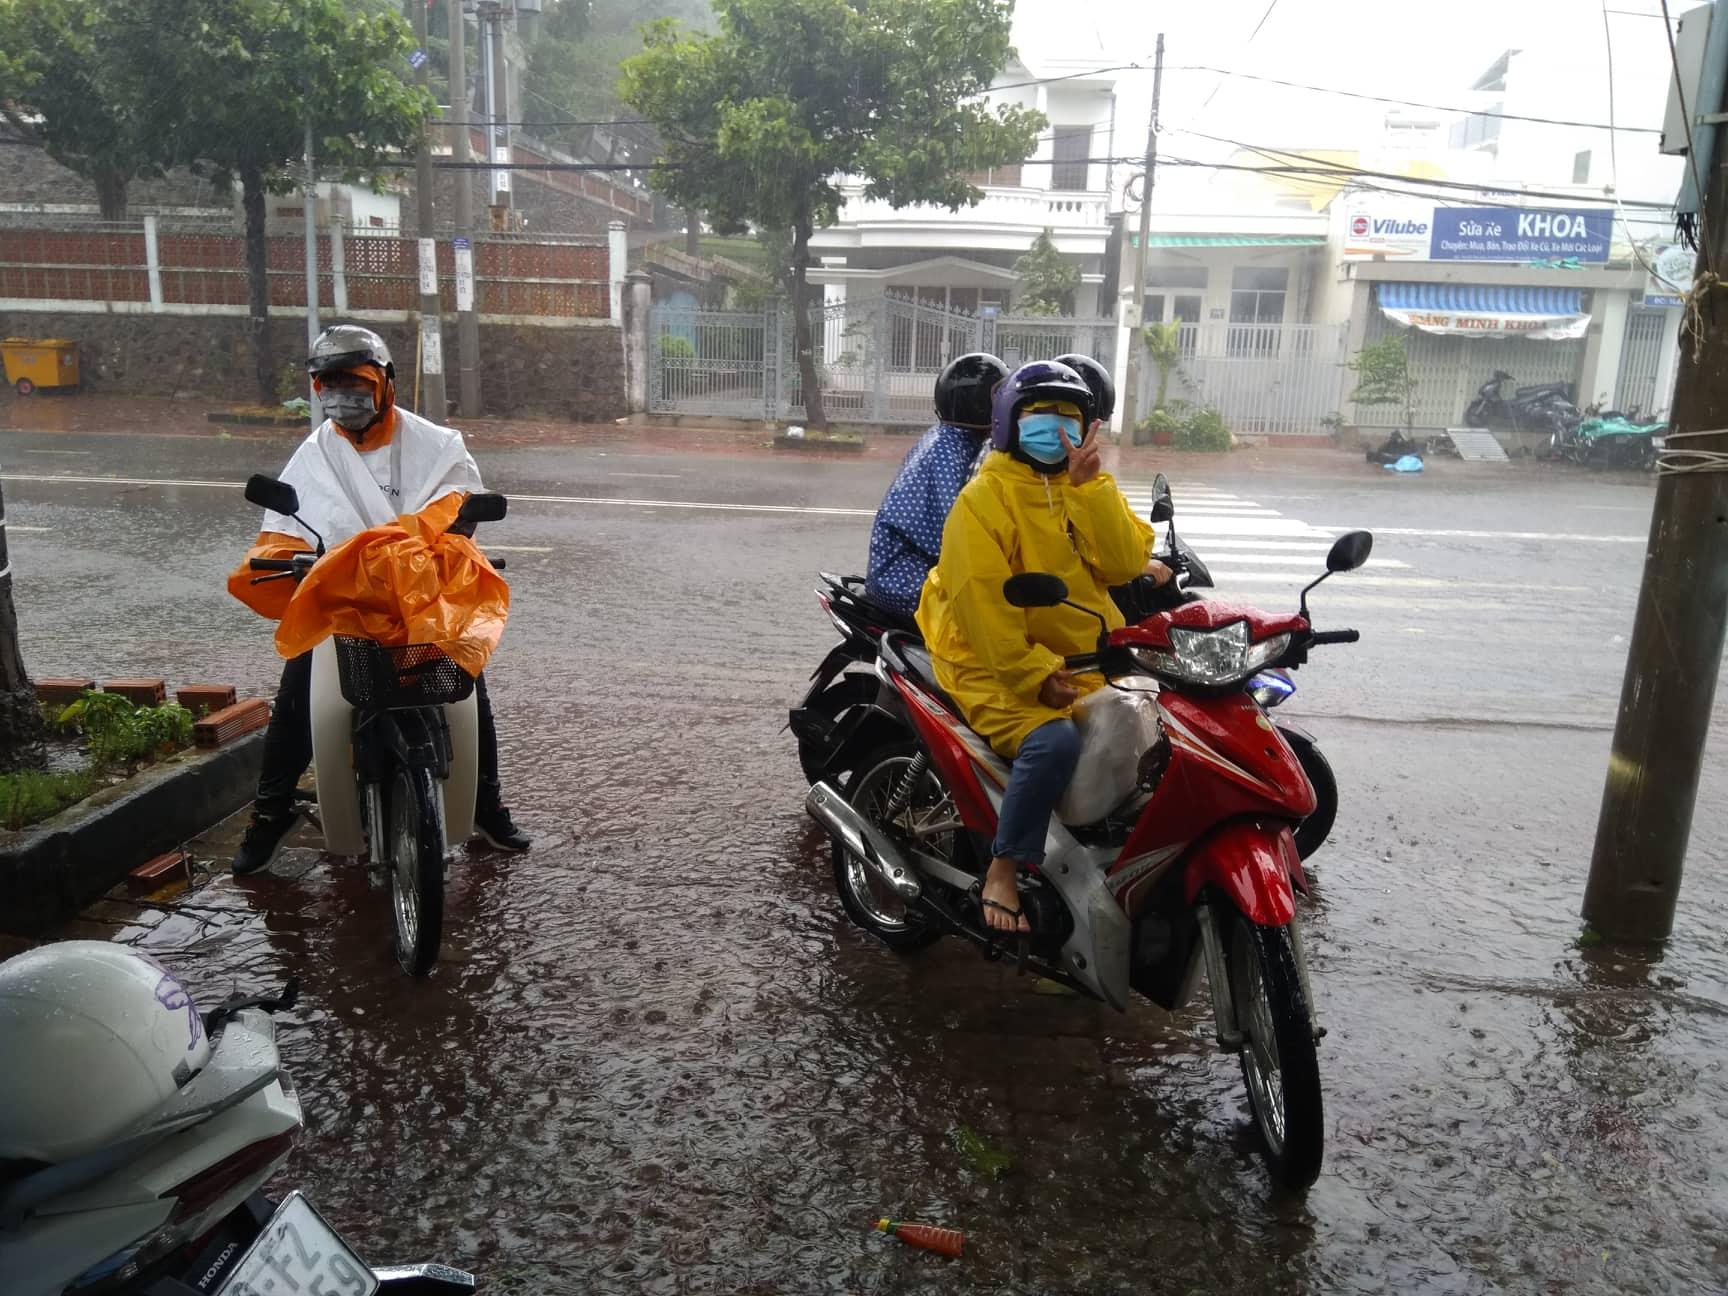 Bão Usagi đổ bộ, người Vũng Tàu tìm nơi trú tránh, dân Sài Gòn thảnh thơi - Ảnh 7